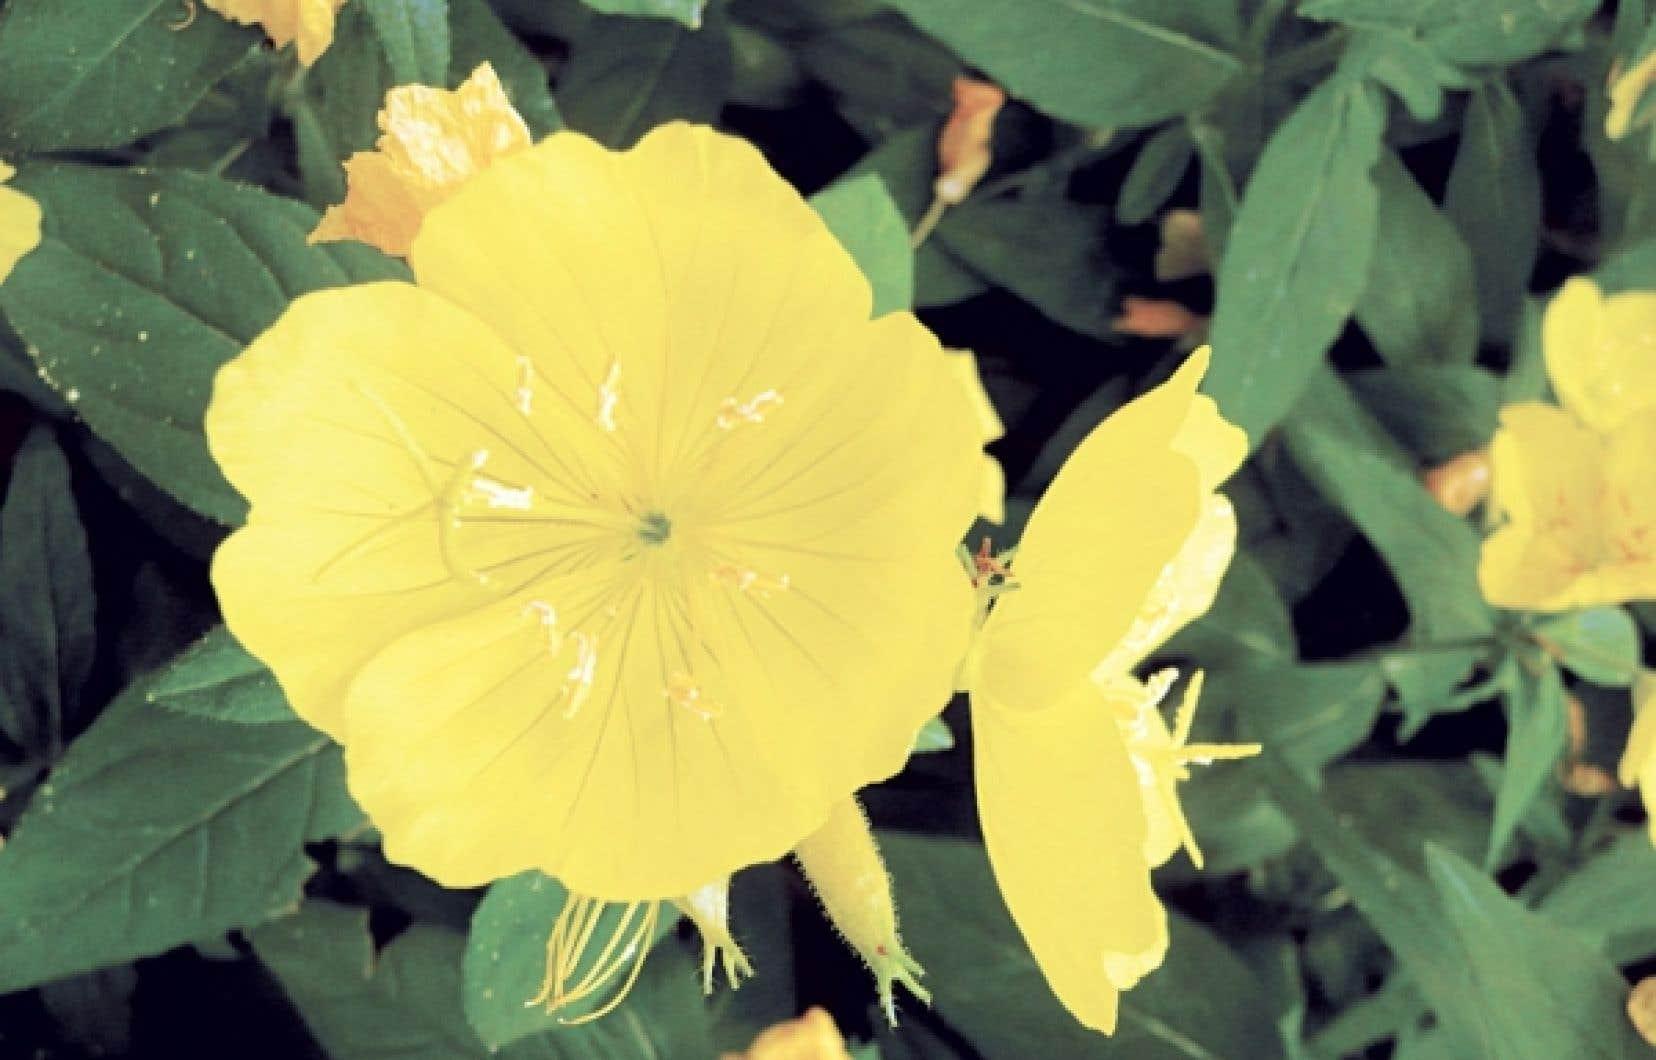 <div> Les fleurs d'onagre se mangent entières, sans étamines, ou encore on déguste uniquement les pétales. On les aime en salade et avec les légumes, le riz ou les pâtes.</div>